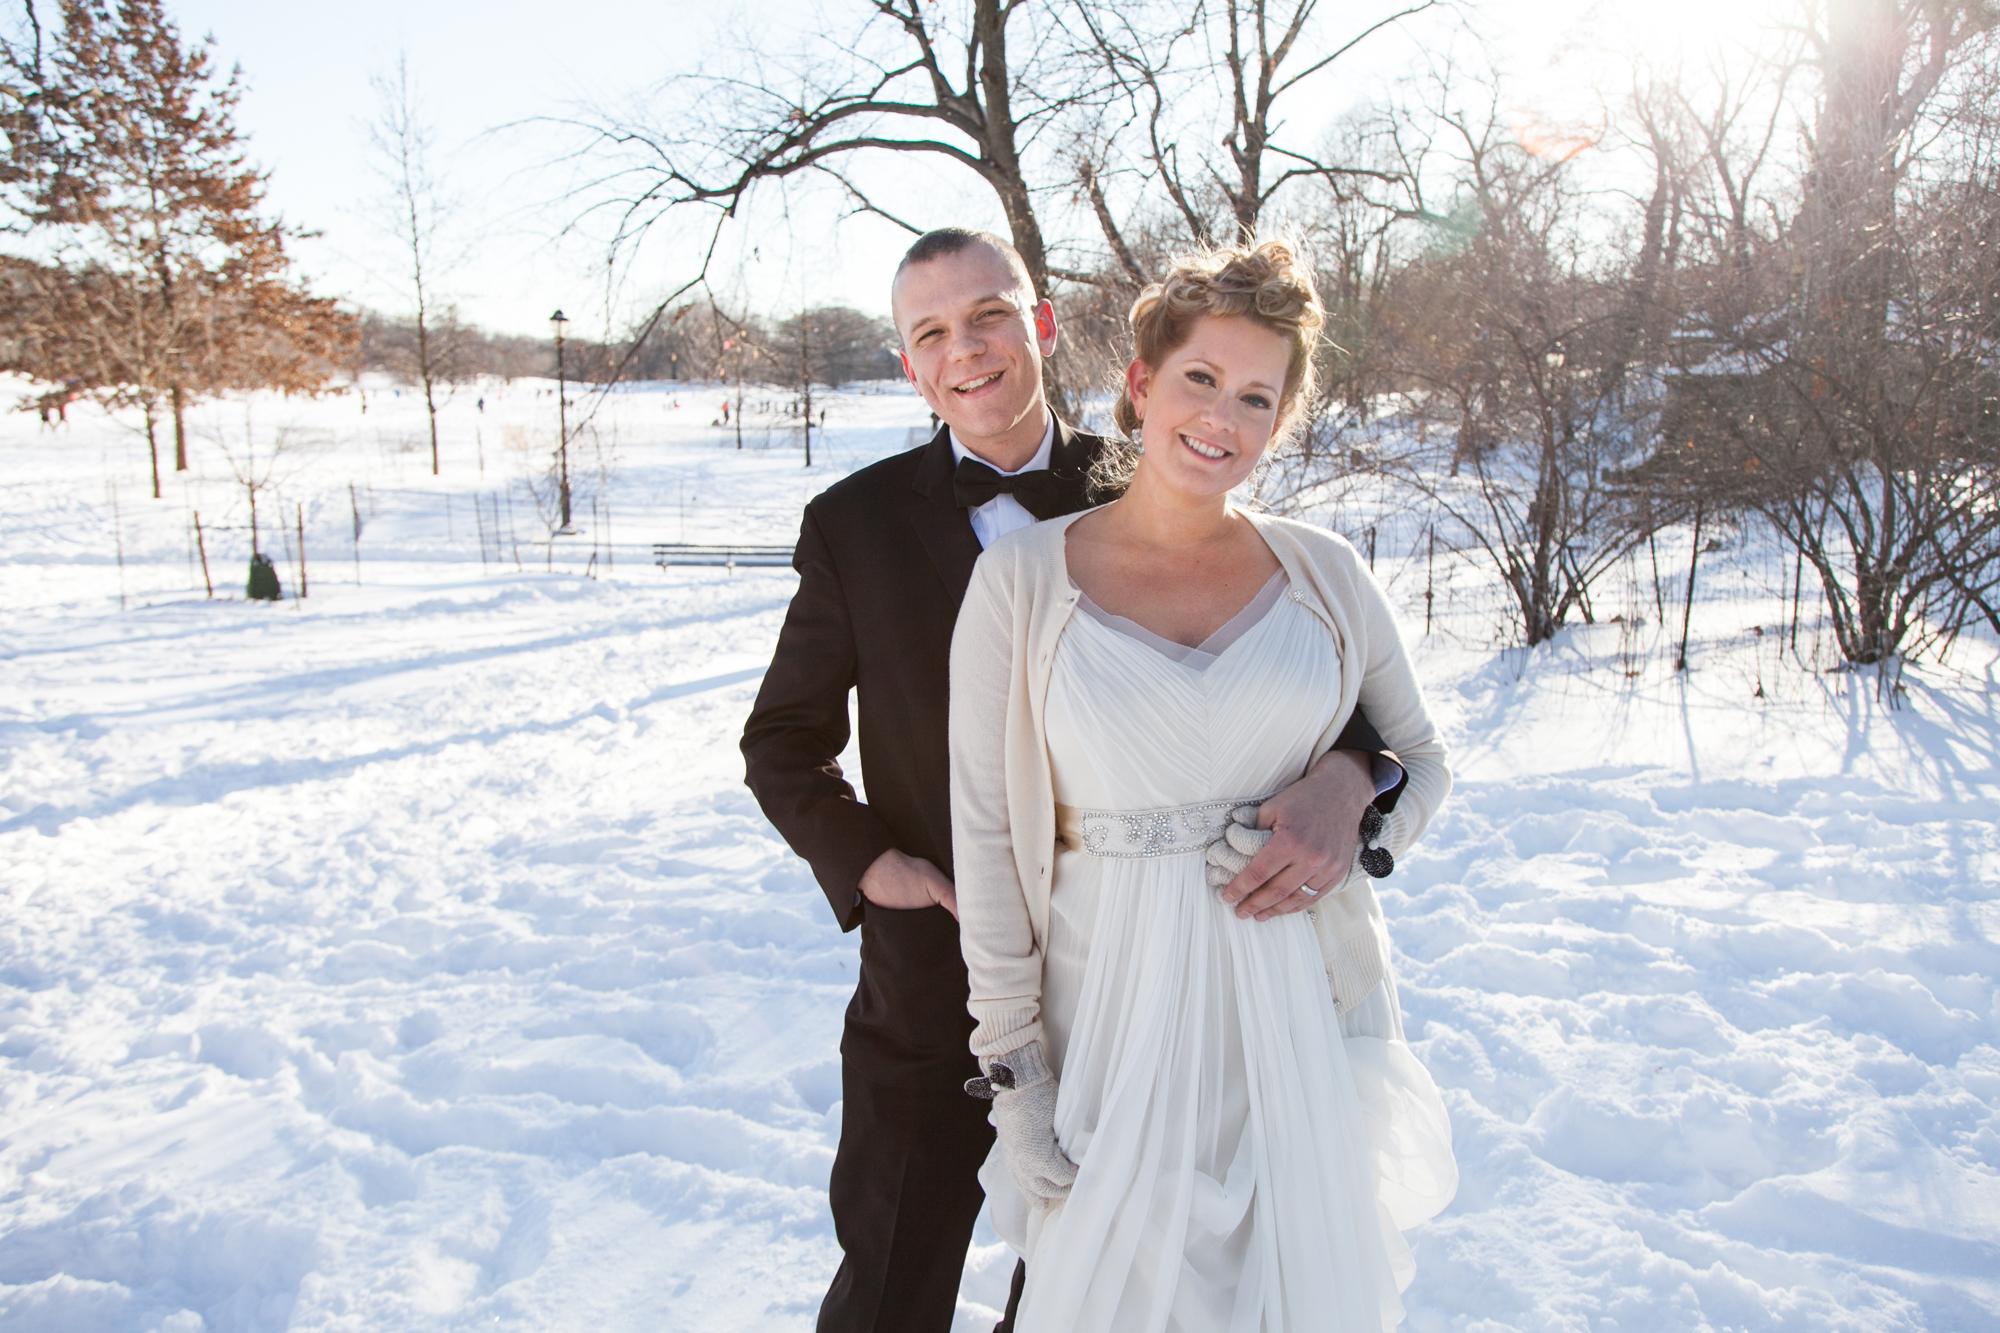 HeatherPhelpsLipton-Modern-WeddingPhotography-GreenBuilding-winter-prospectpark-12.jpg